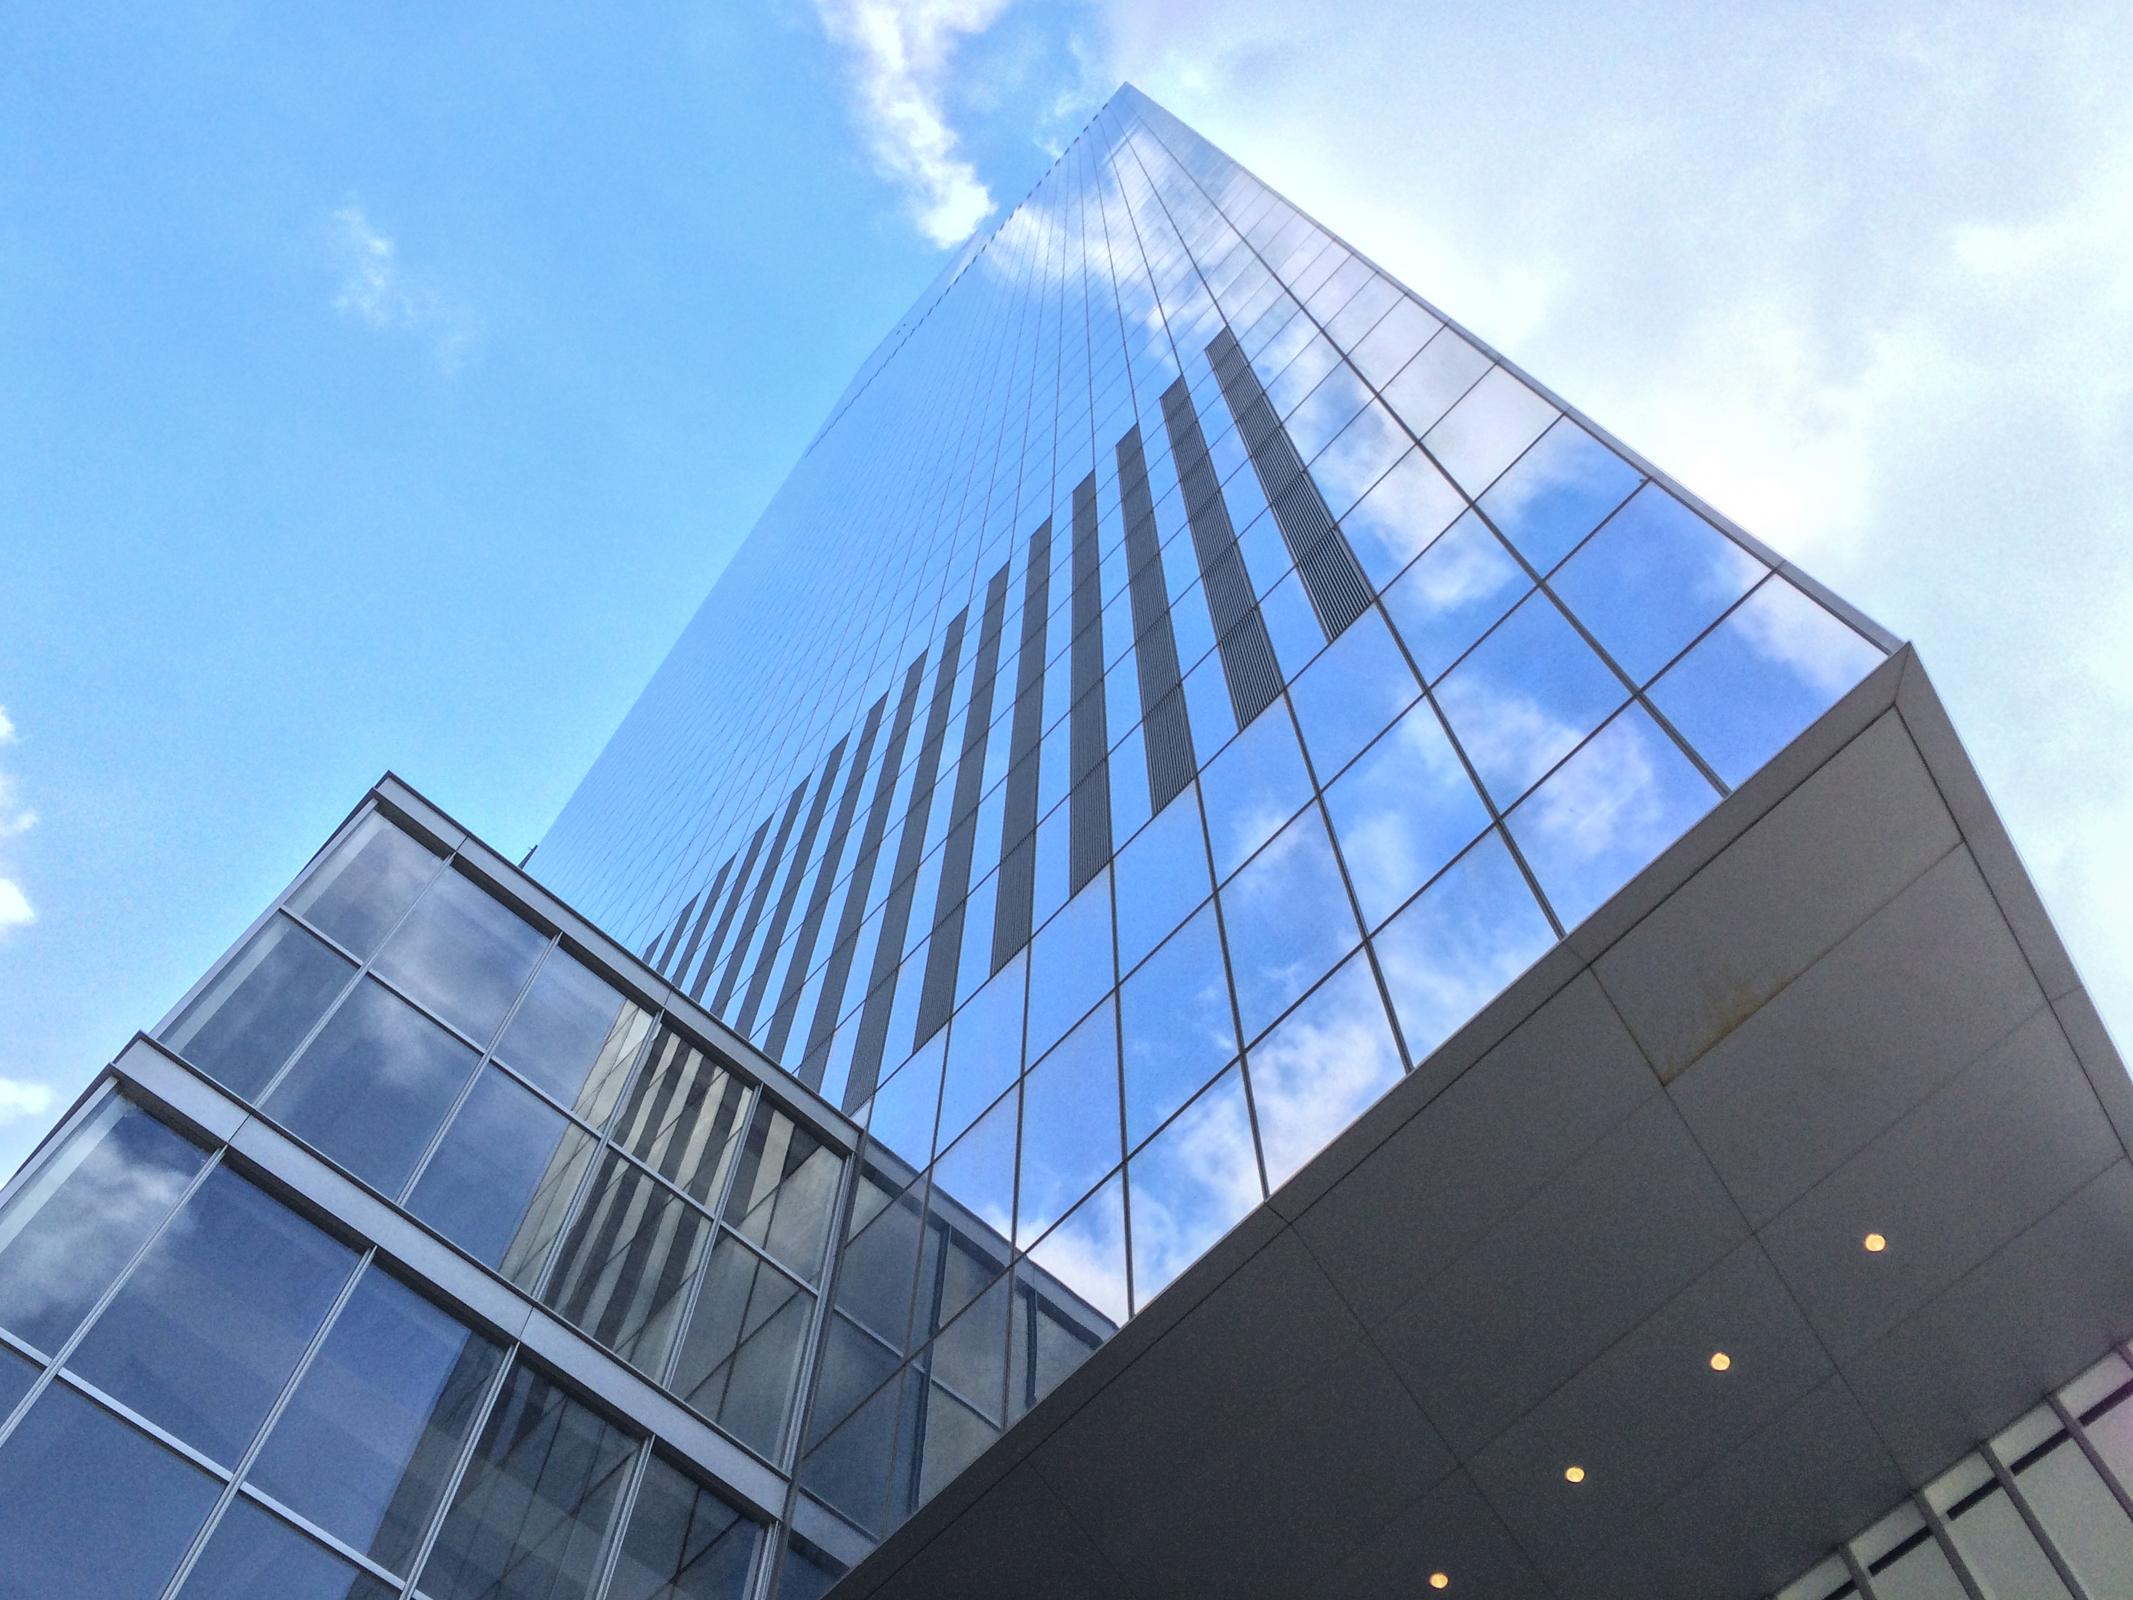 2014_02_14 WTC Site 03.jpg